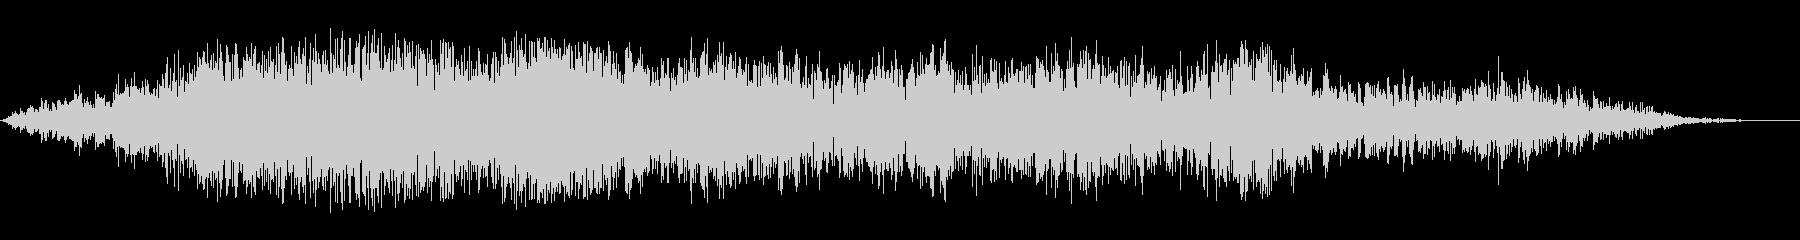 シャープガーブルドウーの未再生の波形